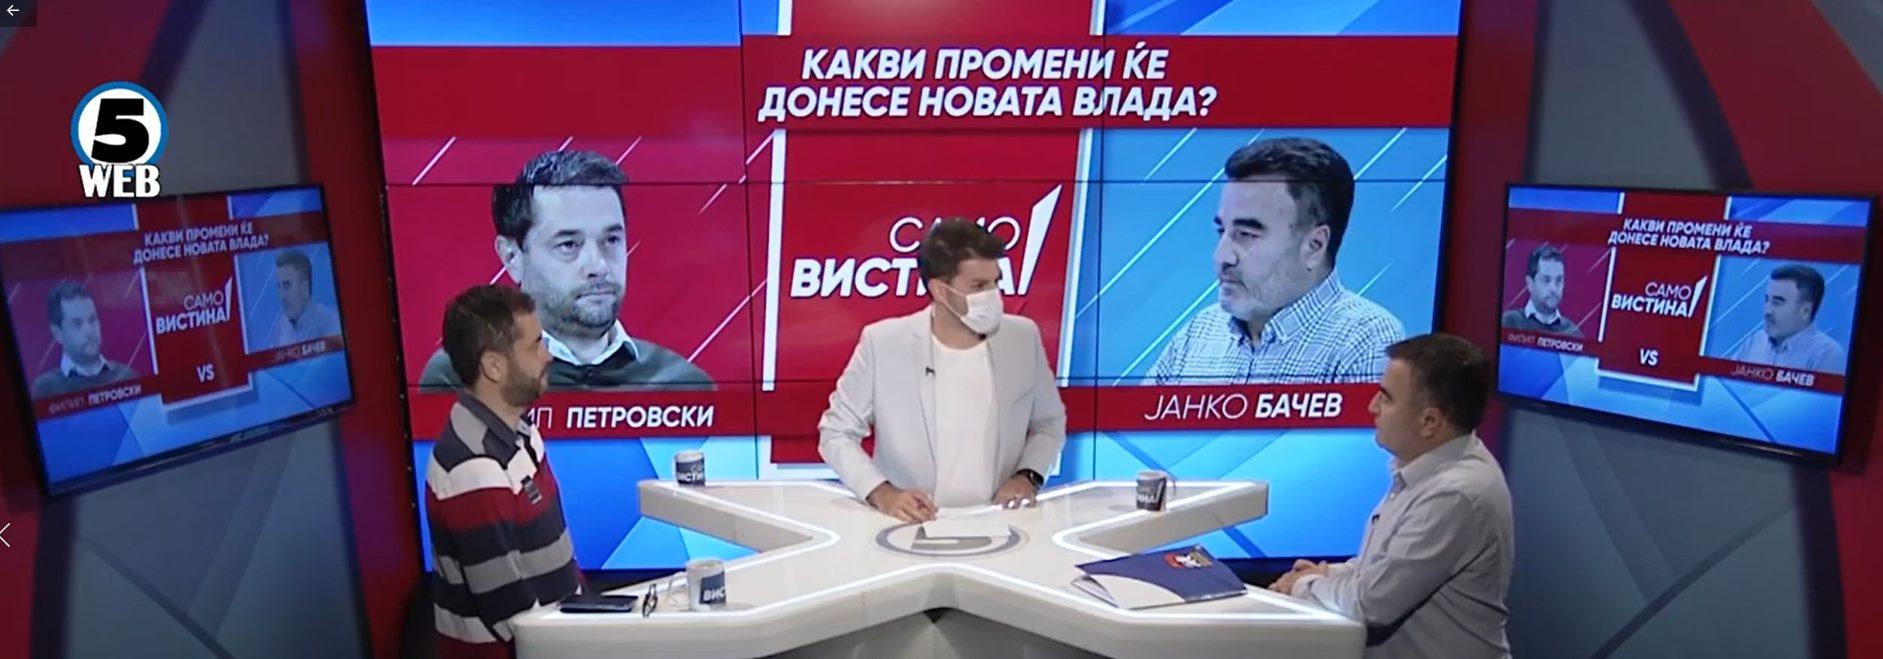 """(ВИДЕО) Бачев во """"Само вистина"""": На изборите од се по нешто, партии по задача, посебен план за фалсификат врз Единствена Македонија - еве ги доказите"""